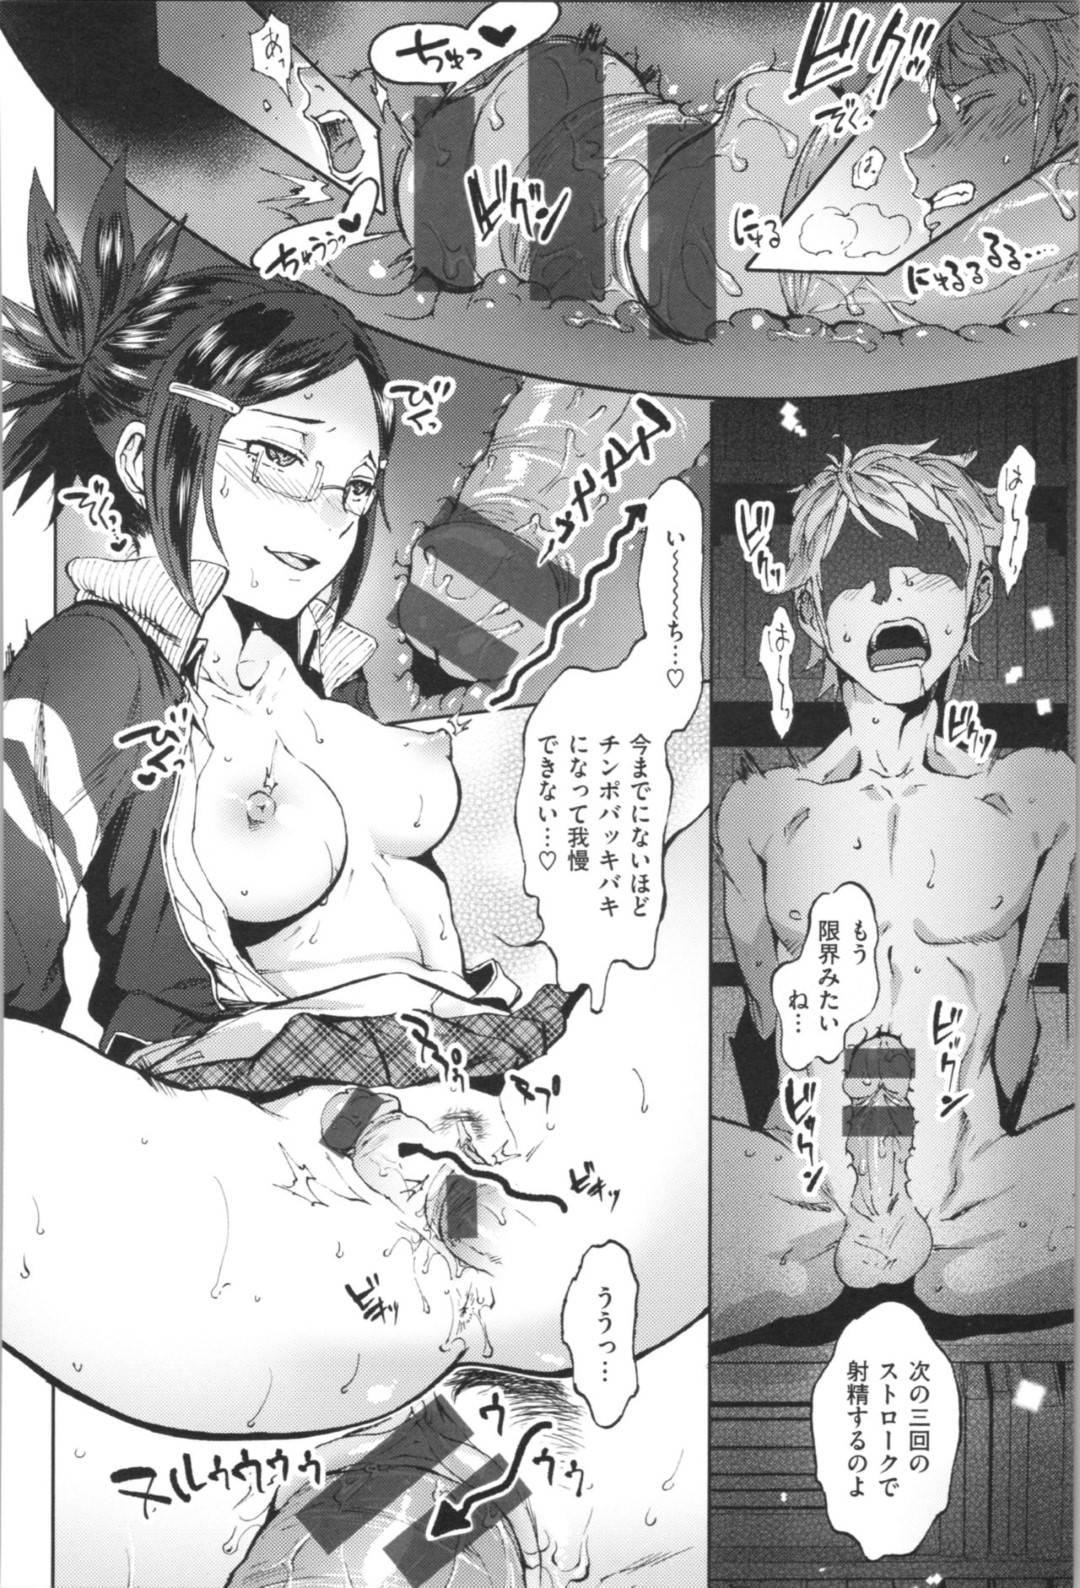 【エロ漫画】本屋の手伝いをする元同級生の眼鏡娘にエロ本を買っているのをバレてしまった主人工。その事がきっかけでドSな彼女の前でオナニーさせられたり、射精管理されるようになってしまう。